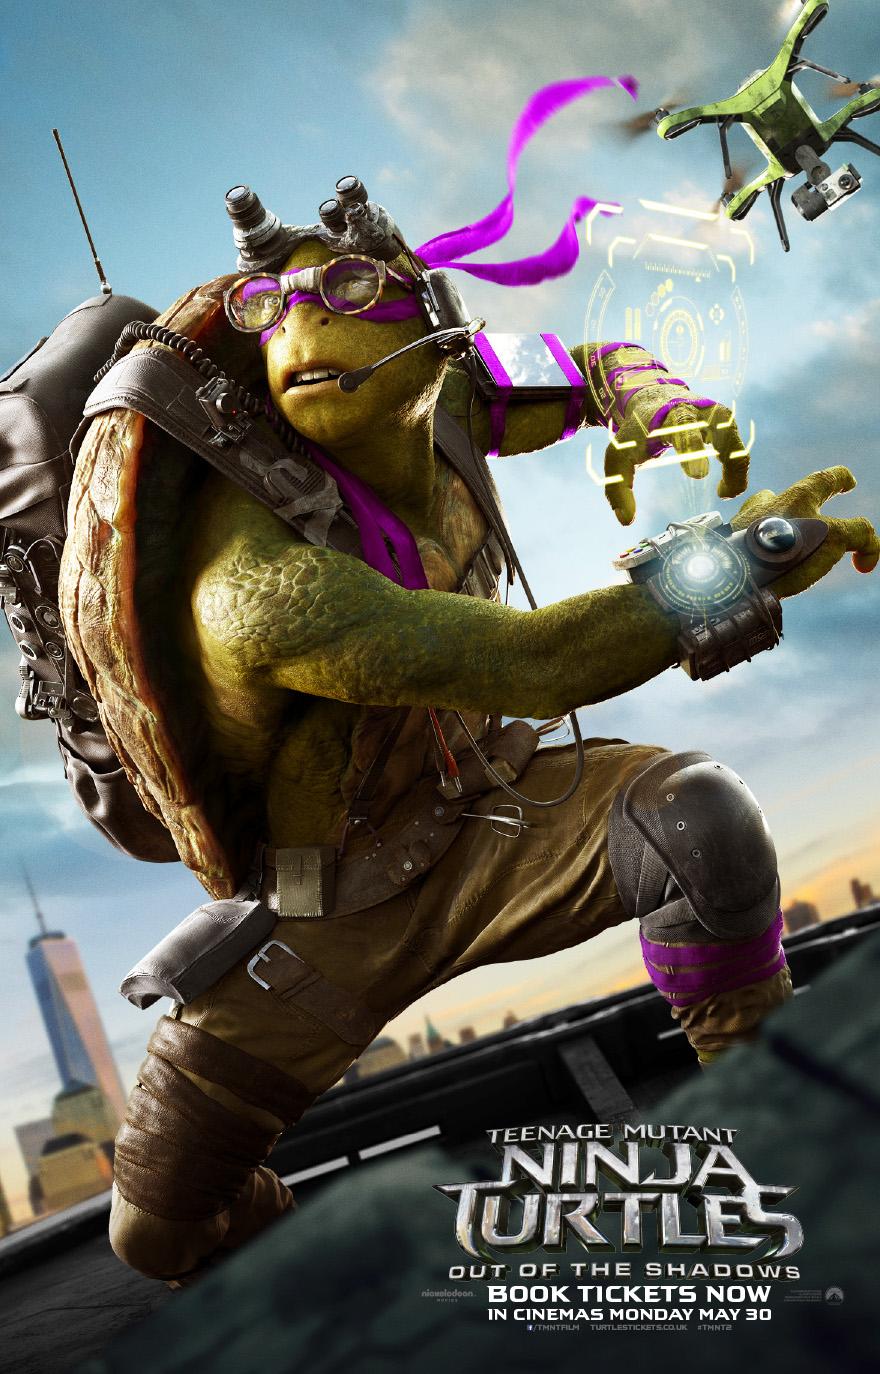 Teenage Mutant Ninja Turtles 2 Gets a New Poster ...  Teenage Mutant ...